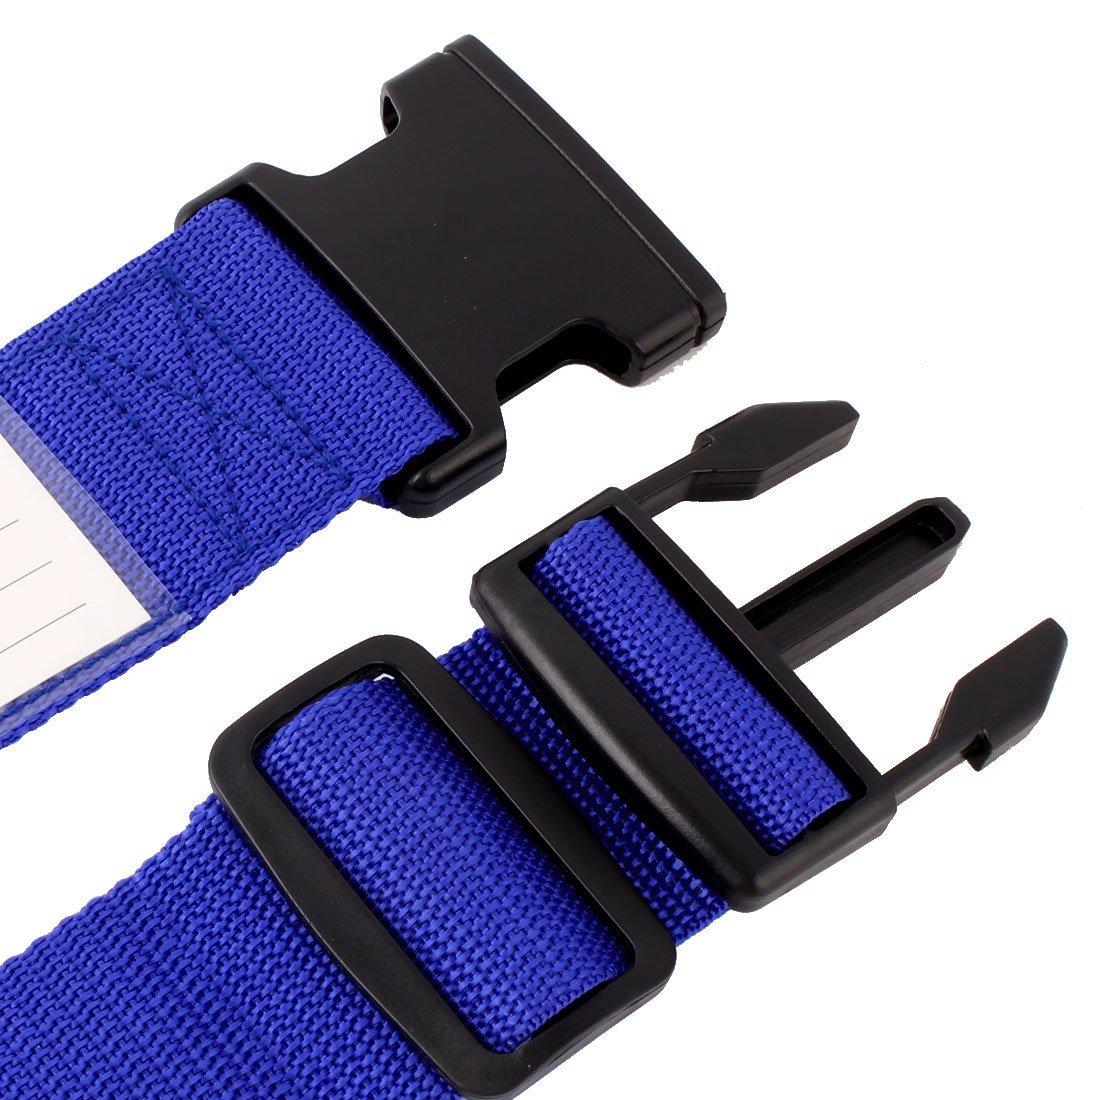 Amazon.com: eDealMax el extranjero viajes de negocios de viaje Bolsa Maleta Paquete de equipaje Señor cuerda Azul 2 m de Largo: Home & Kitchen